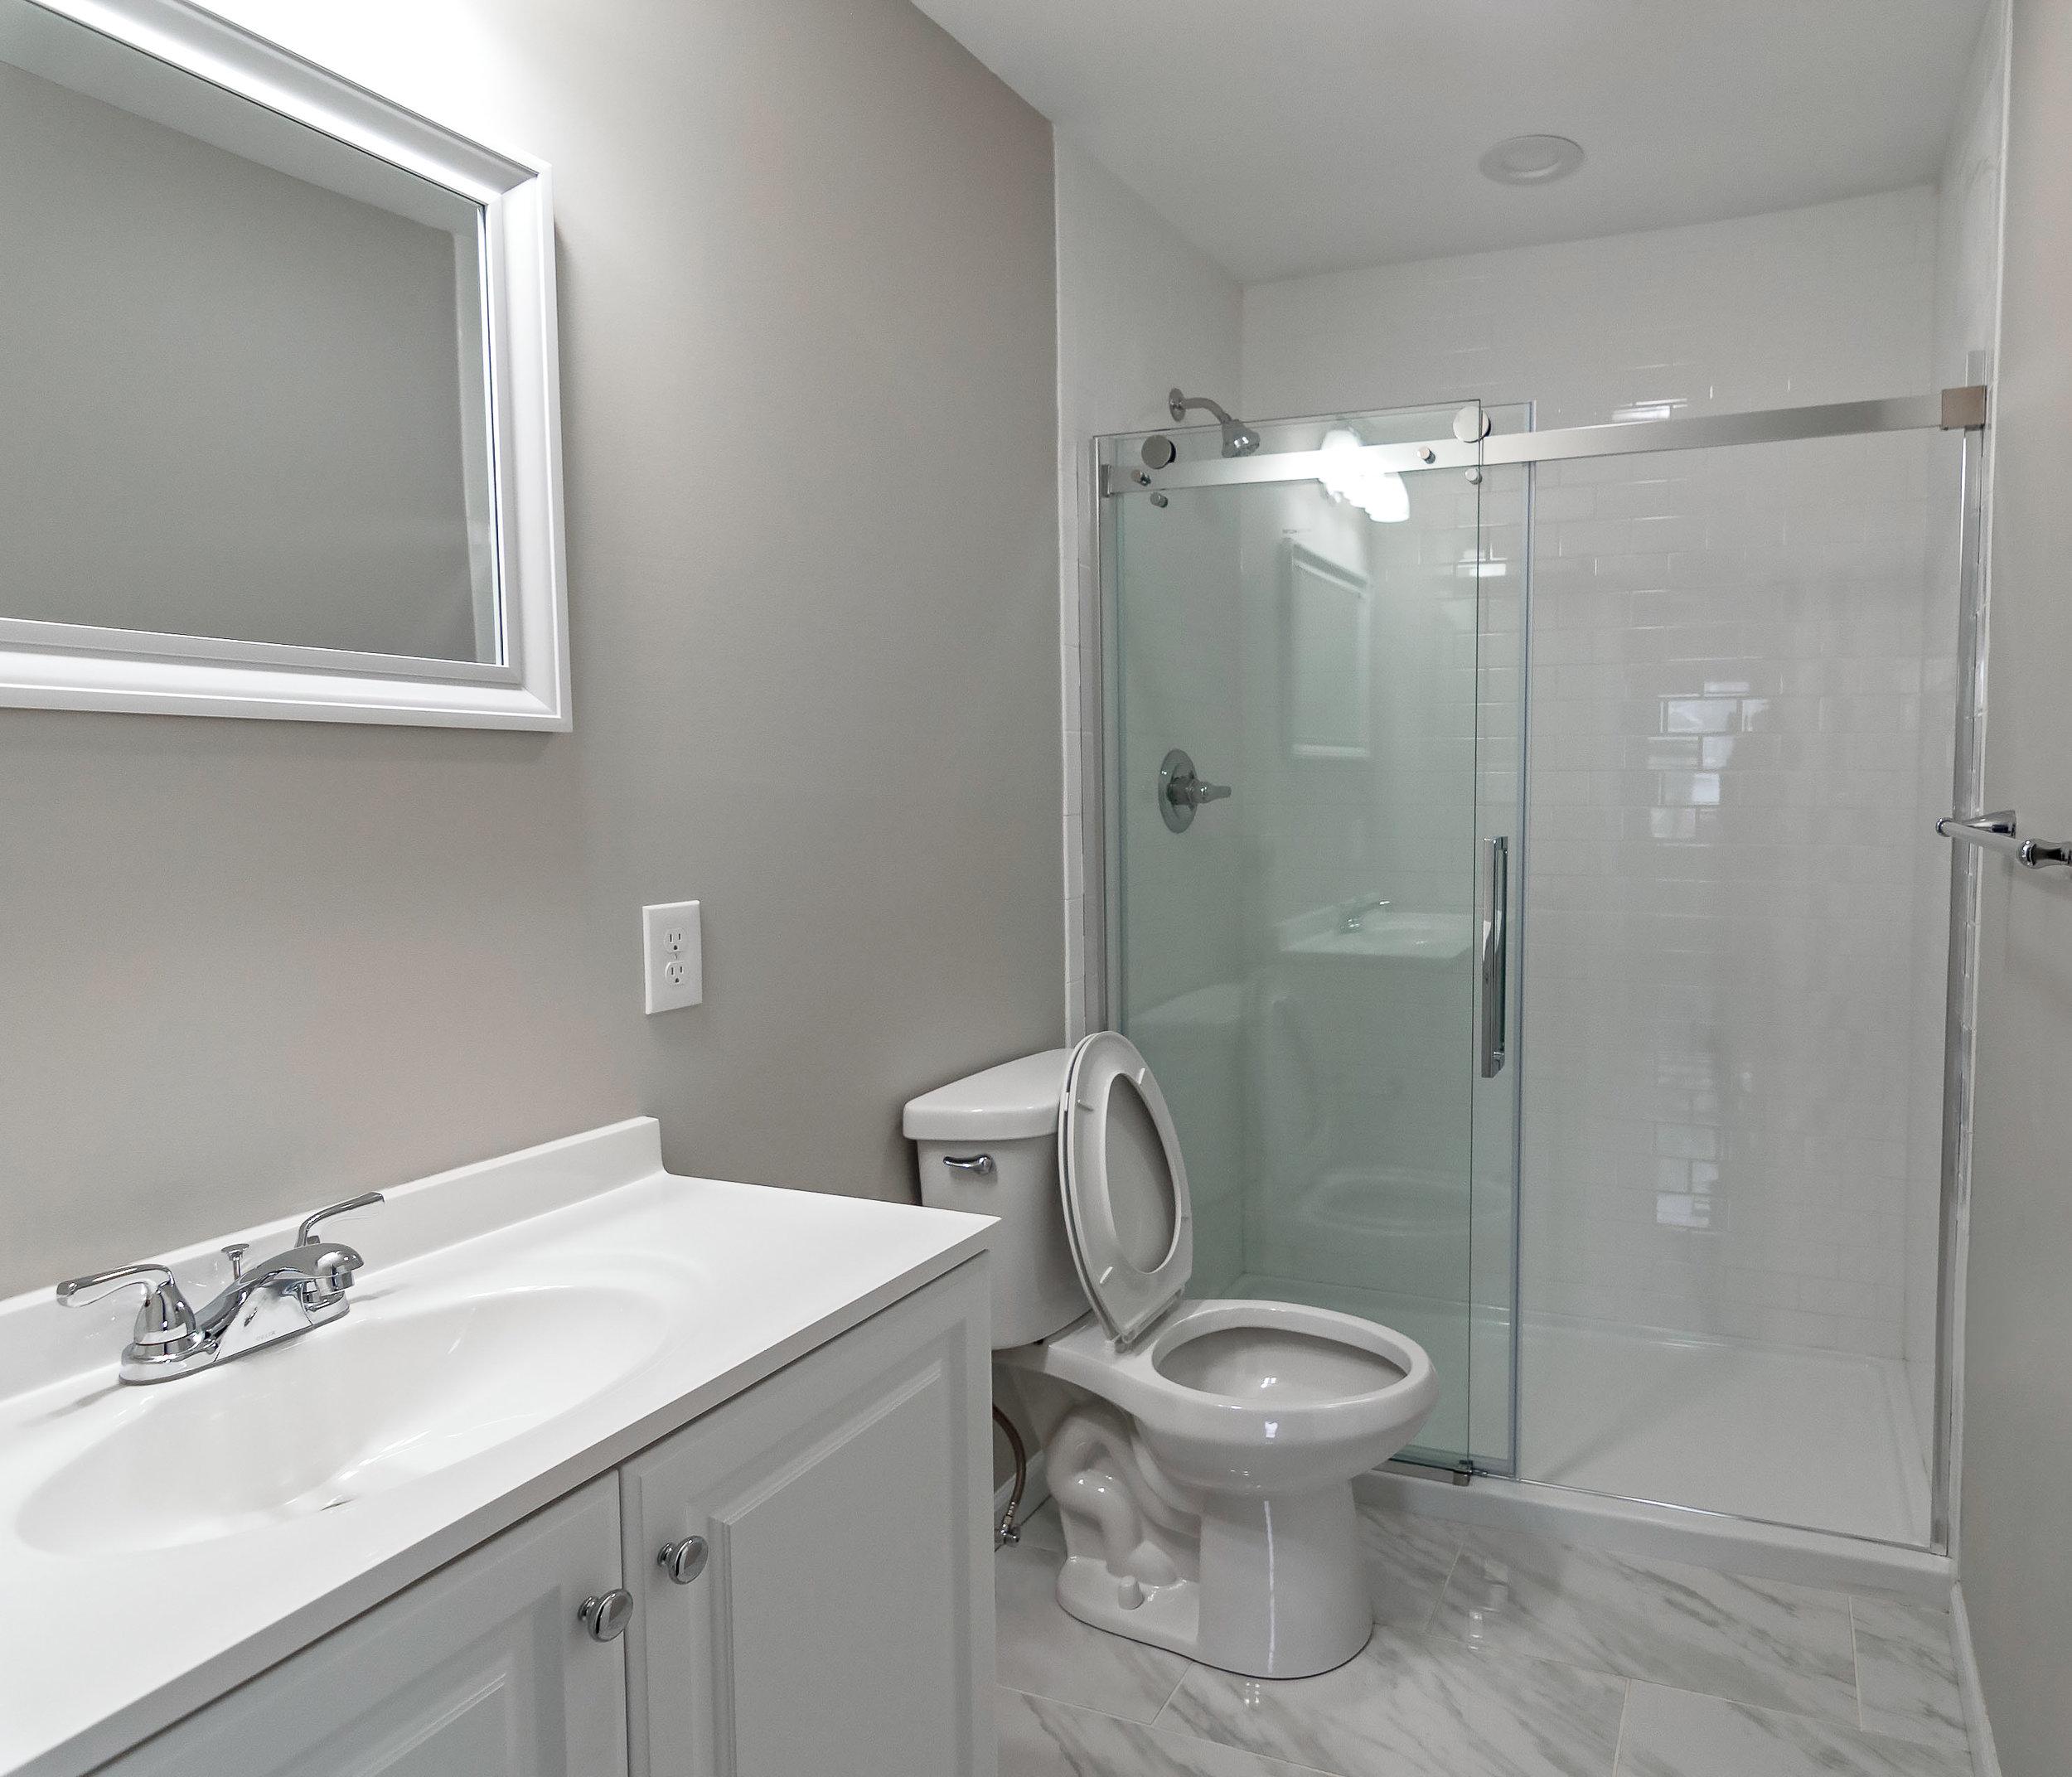 homeland entry bathroom 2-2.jpg